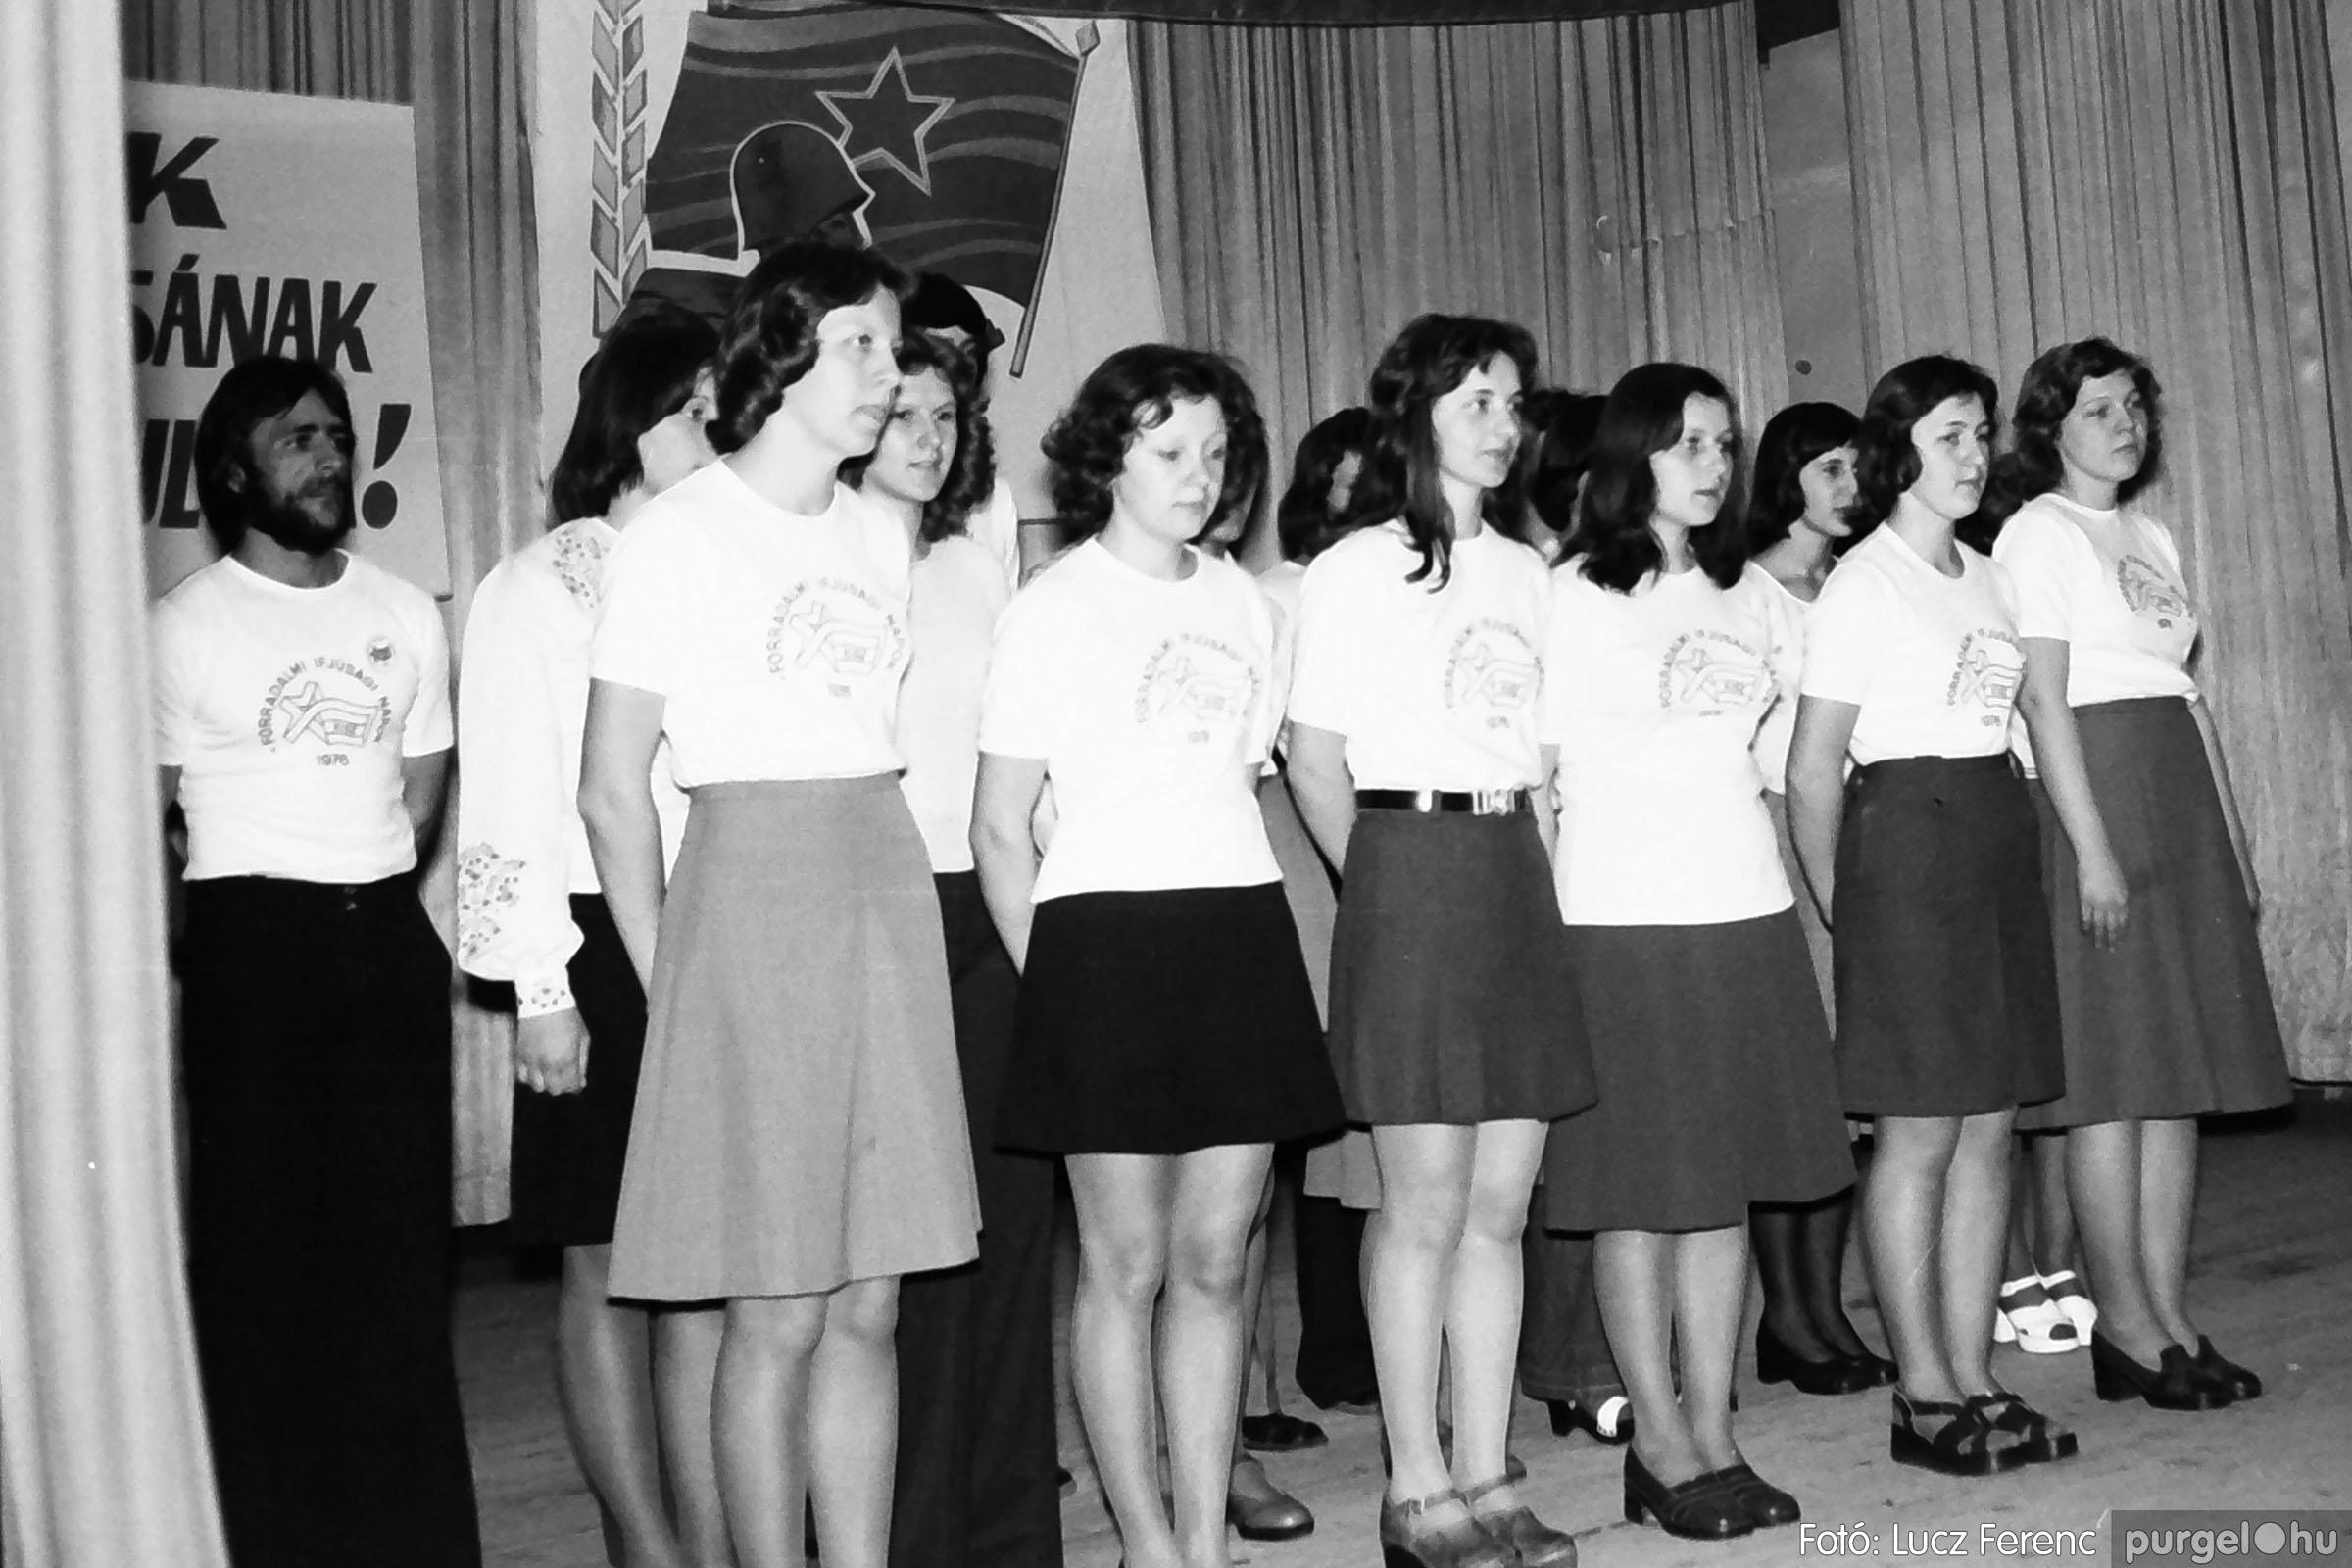 039. 1976.04.04. Április 4-i ünnepség a kultúrházban 021. - Fotó: Lucz Ferenc.jpg